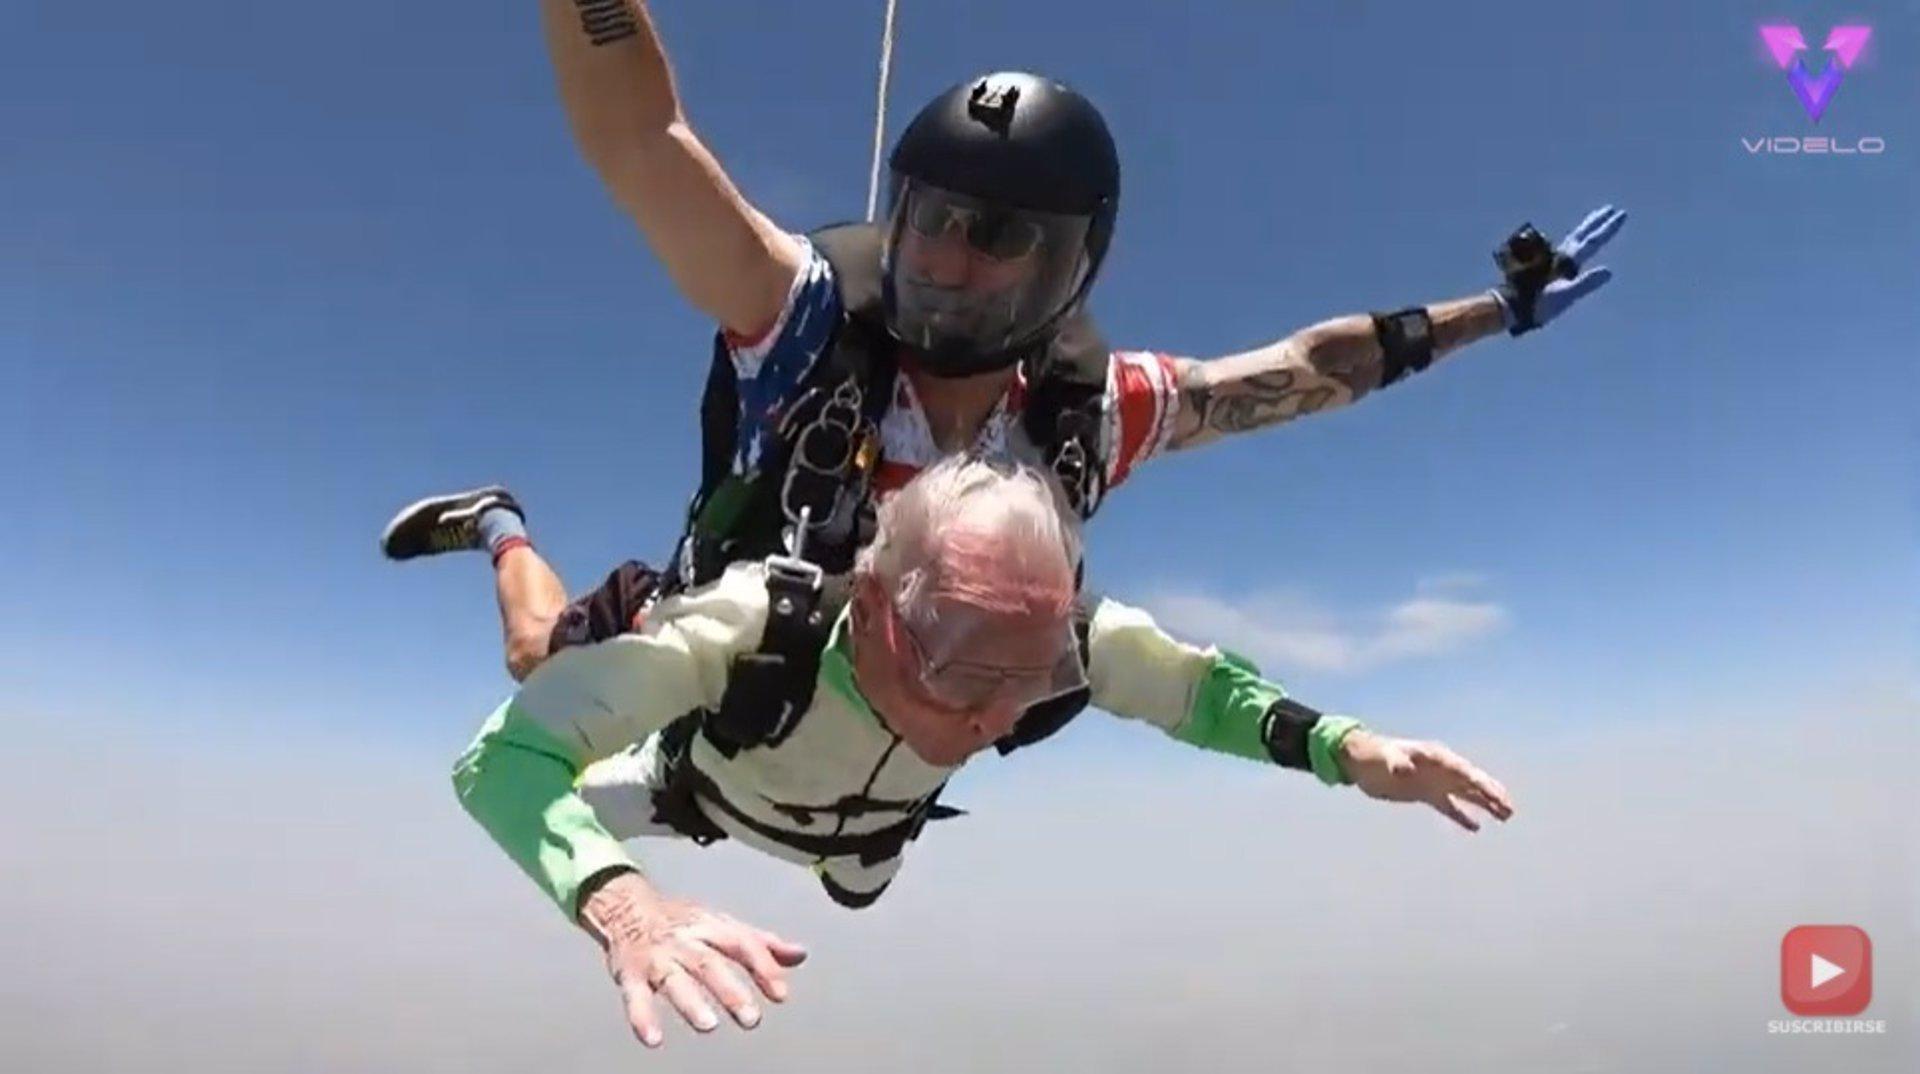 Un hombre de 103 años bate un récord mundial lanzándose en paracaídas